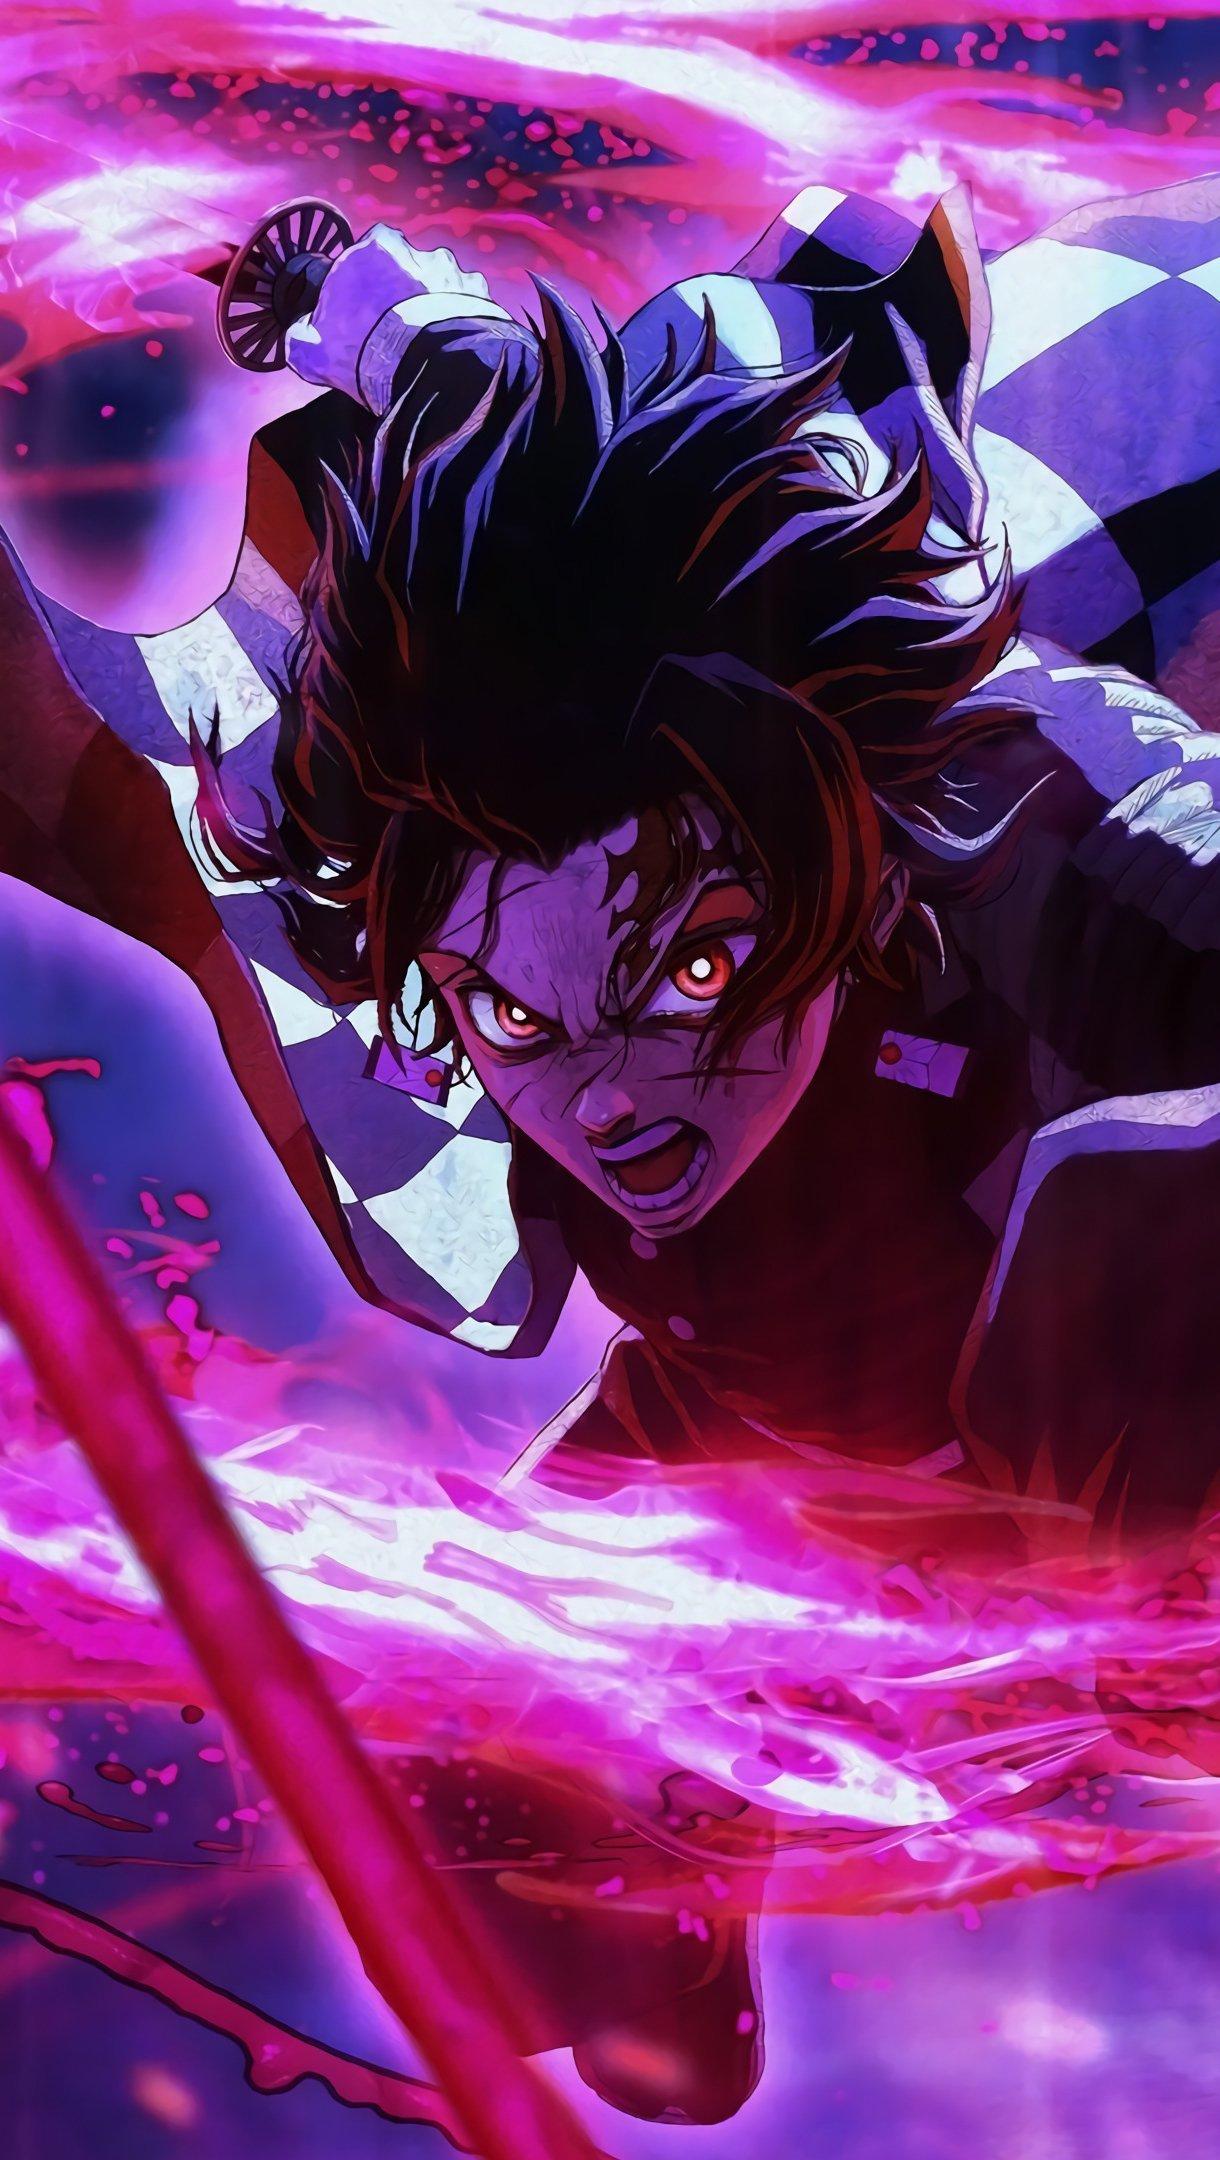 Tanjiro Kamado de Kimetsu no Yaiba Anime Fondo de pantalla ...